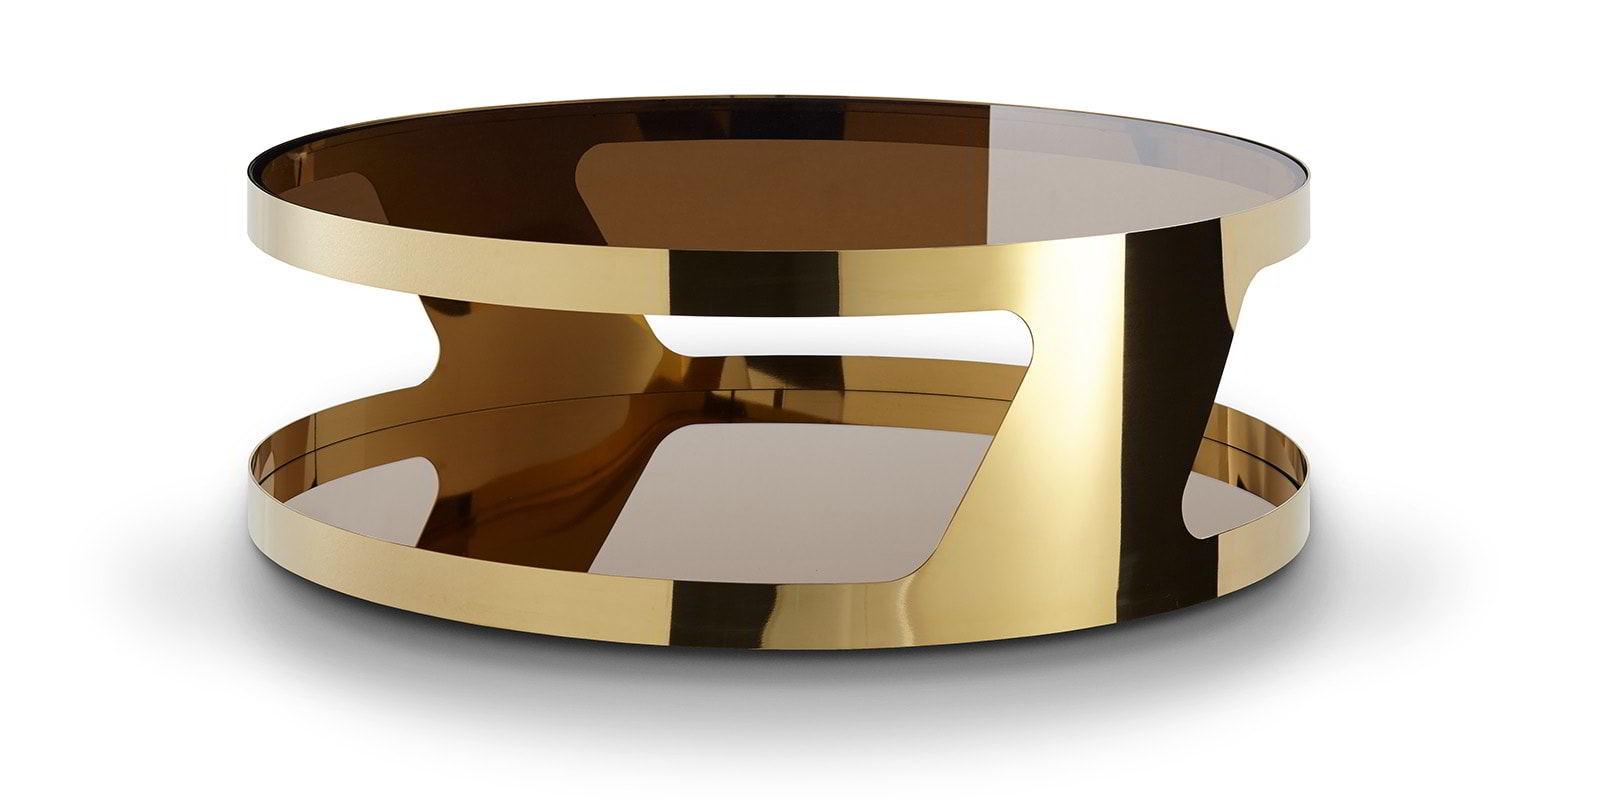 chrom couchtisch kairo gold rund moebella24. Black Bedroom Furniture Sets. Home Design Ideas